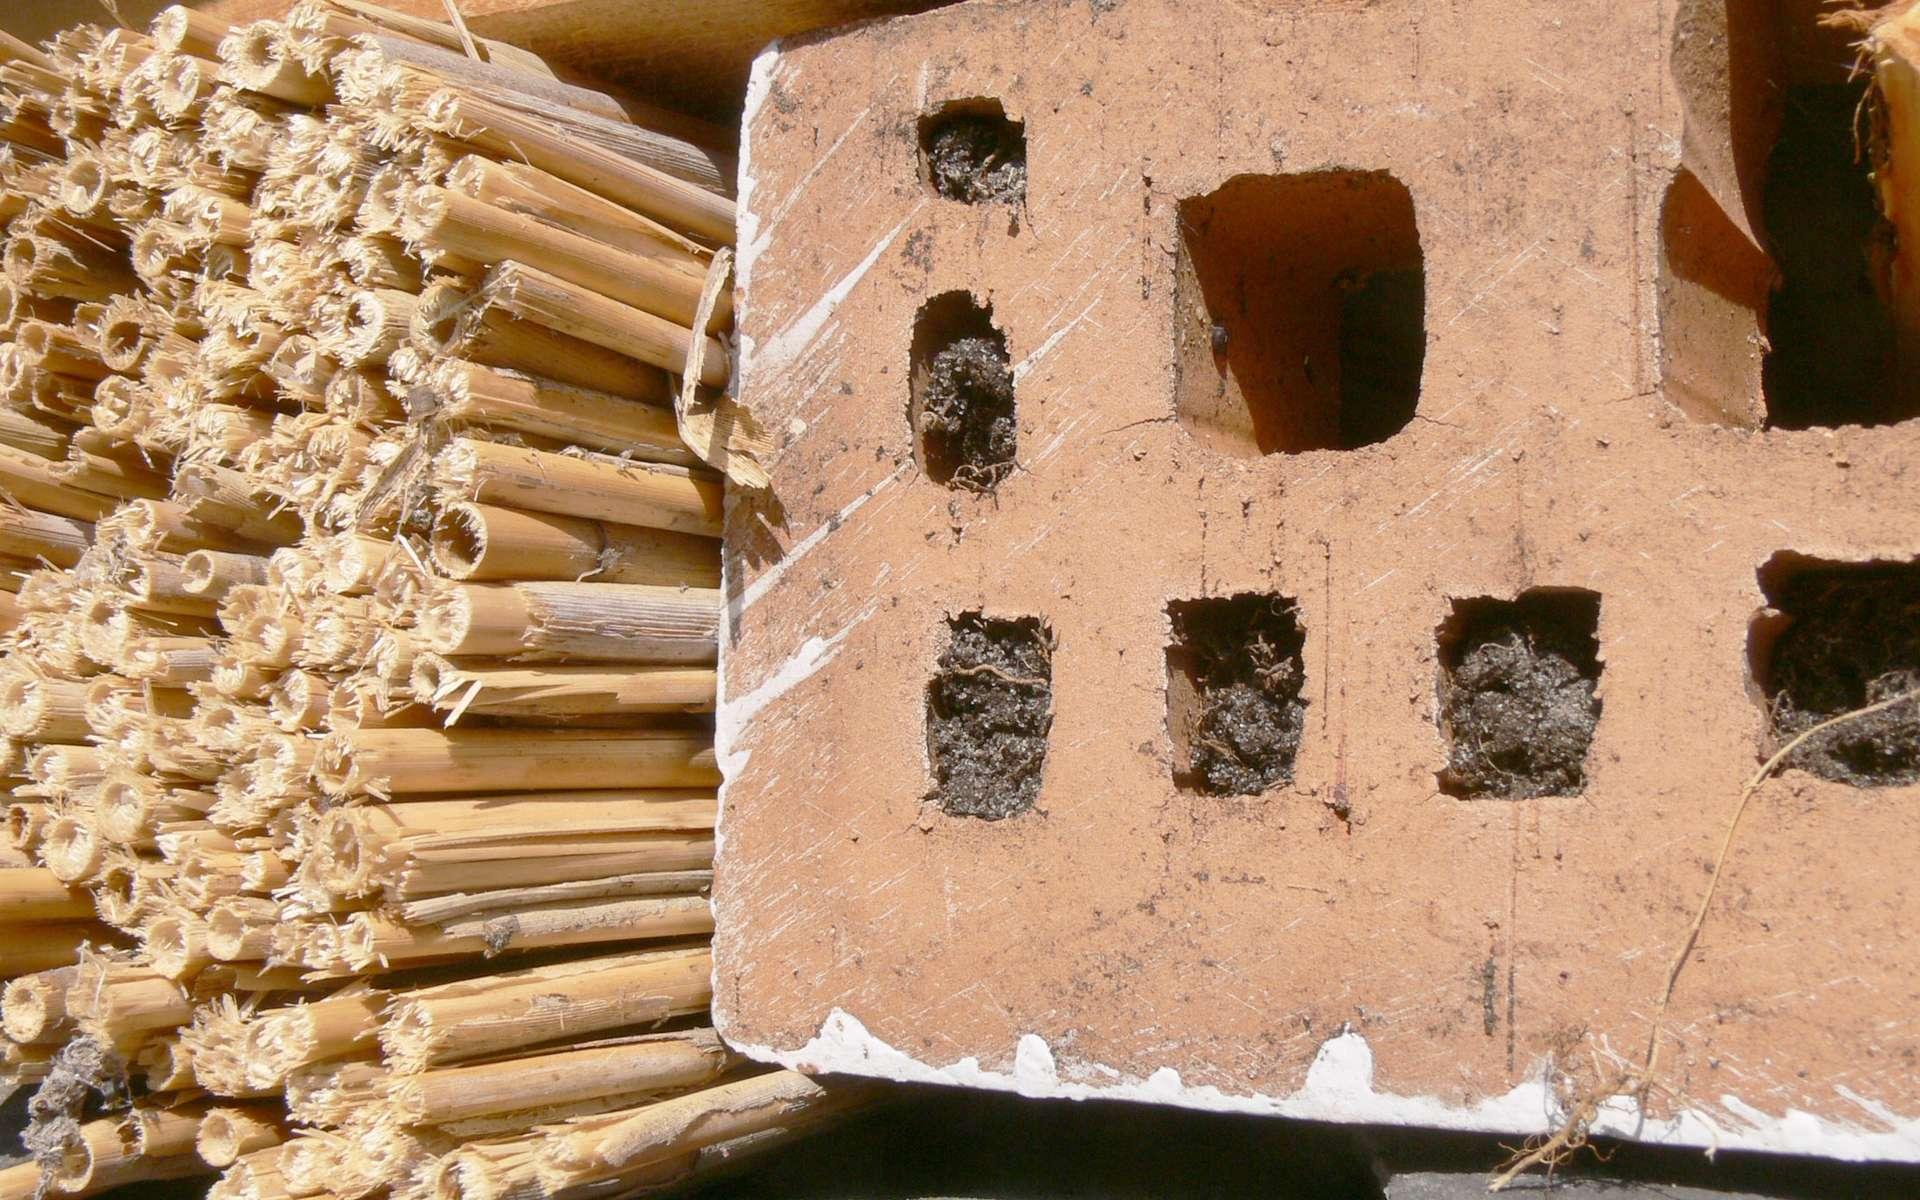 L'installation d'un nichoir à insectes favorise leur colonisation du jardin à la belle saison © Lamiot, Wikimedia Commons, cc by sa 3.0